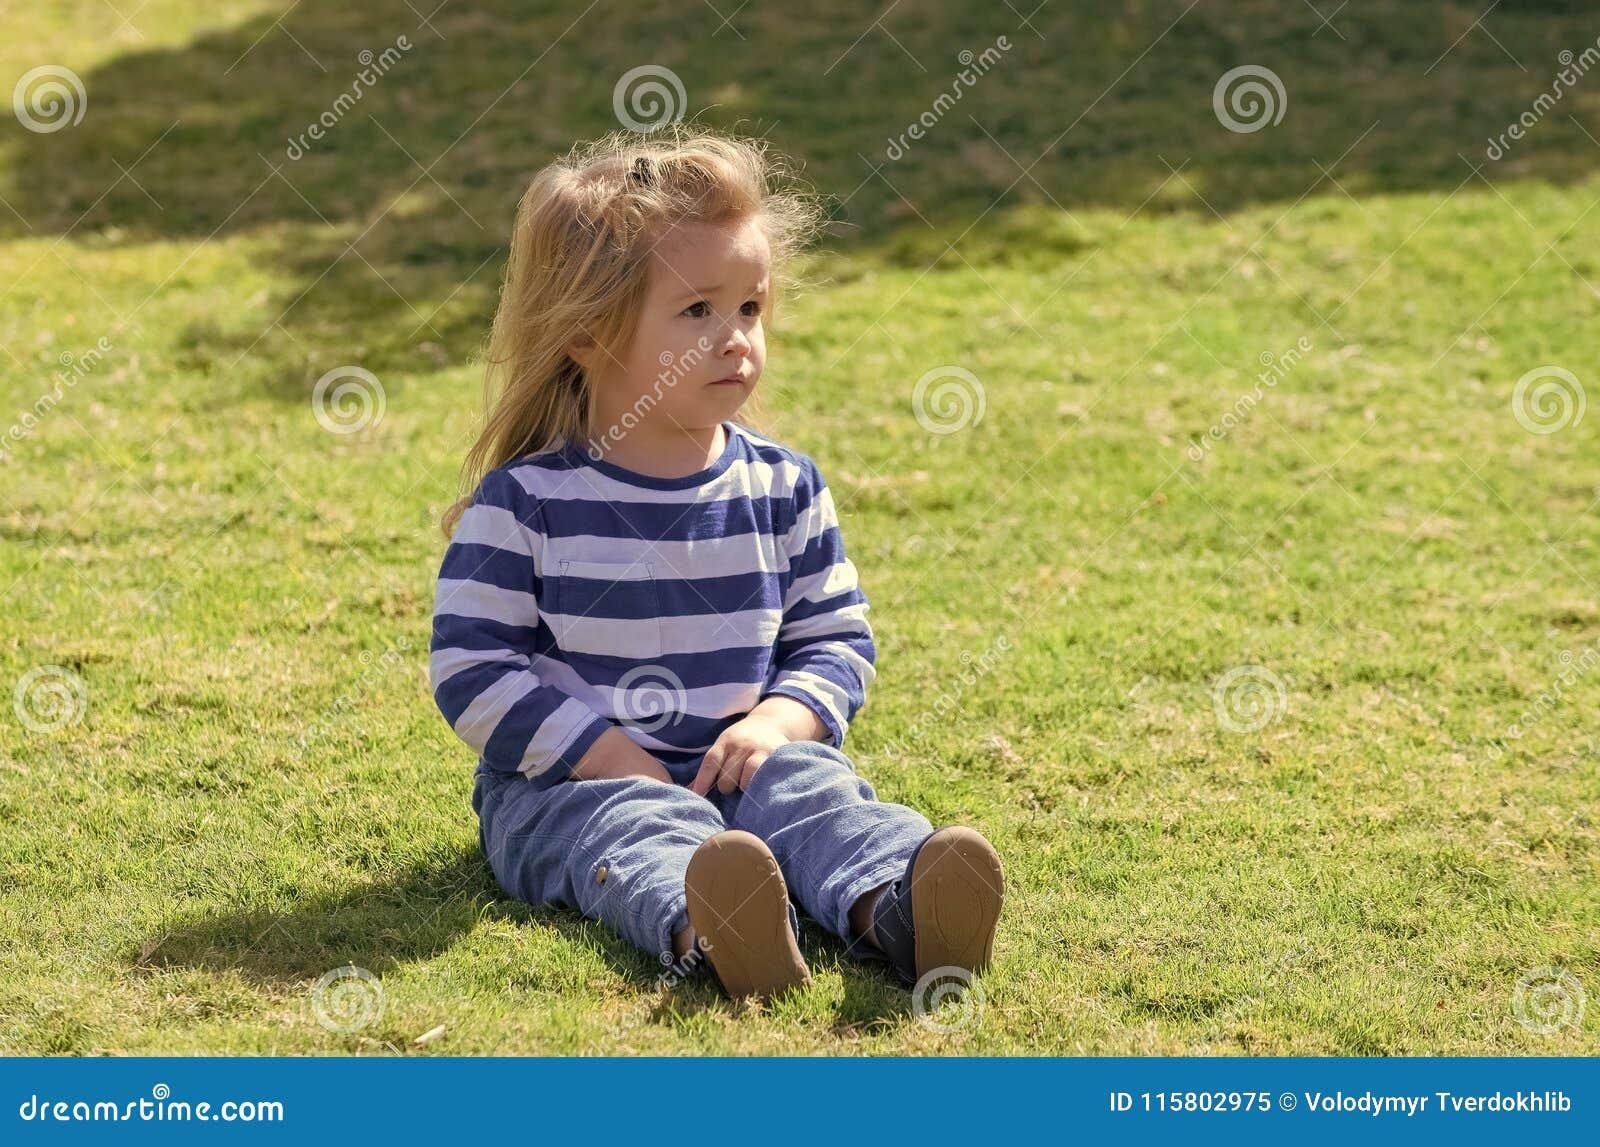 Barndomaktivitet, fritid, livsstil